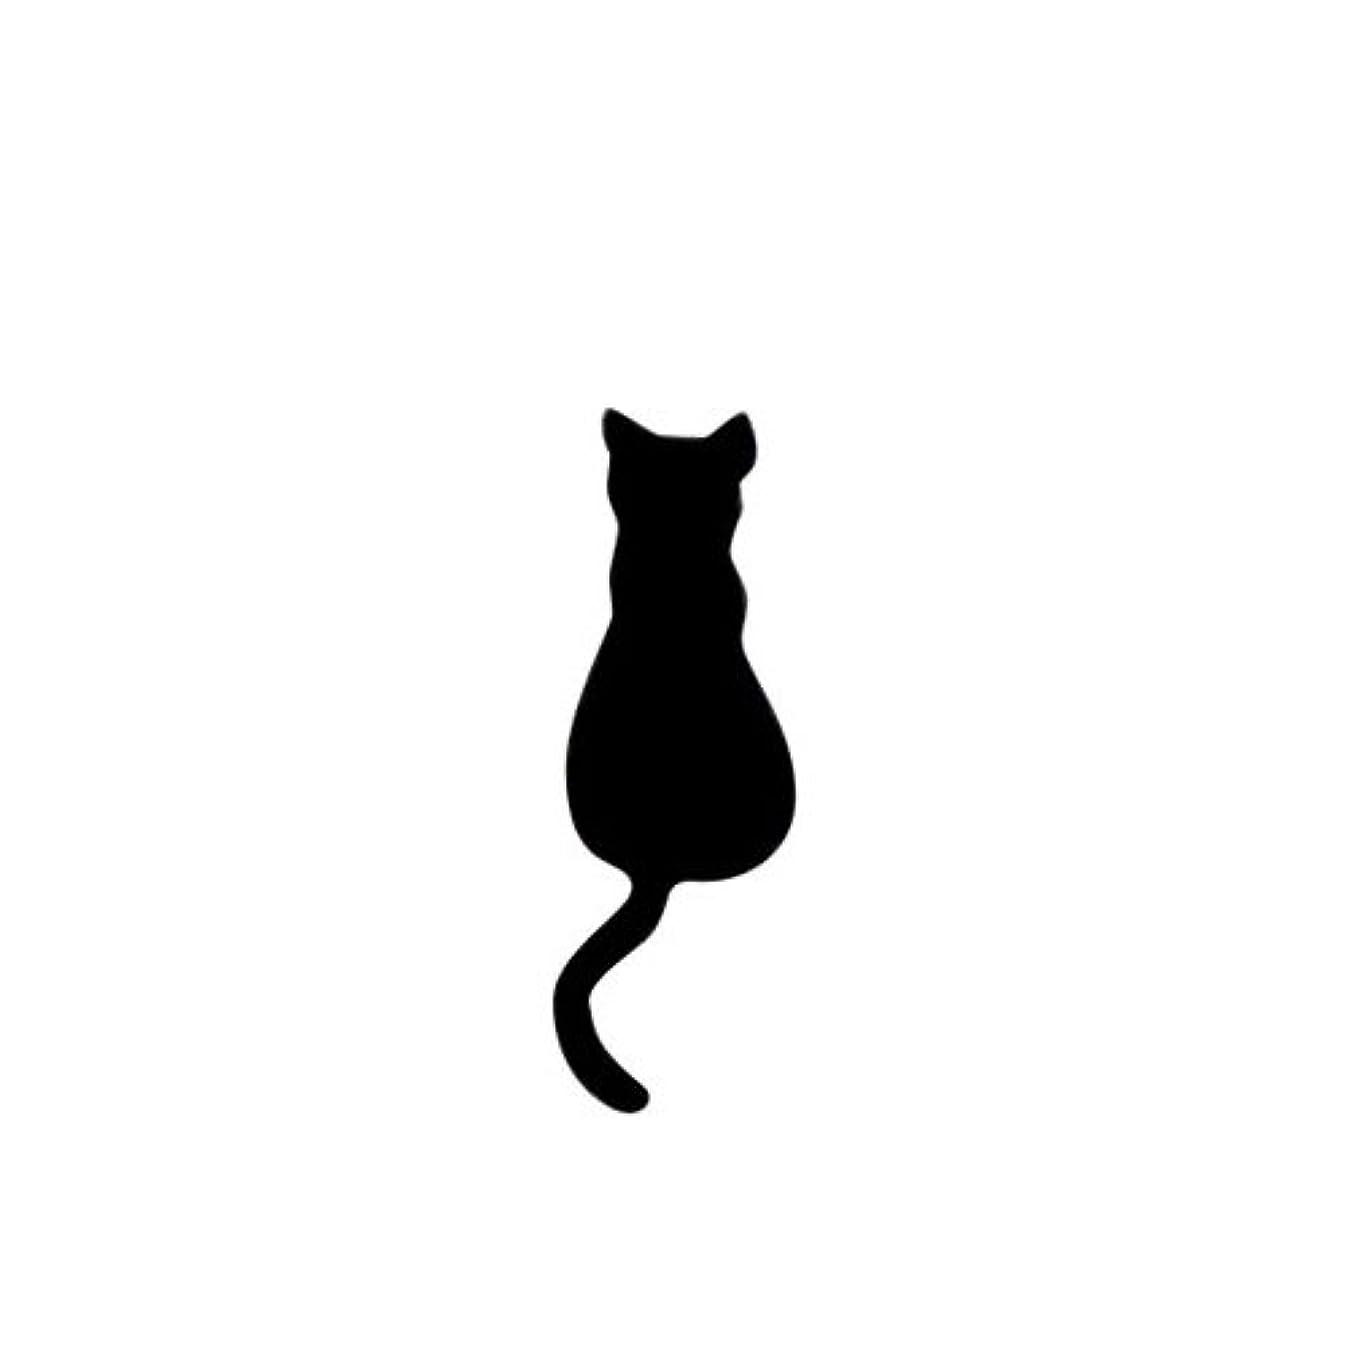 勝つ予算極貧リトルプリティー ネイルアートパーツ 猫4 ブラック 10個